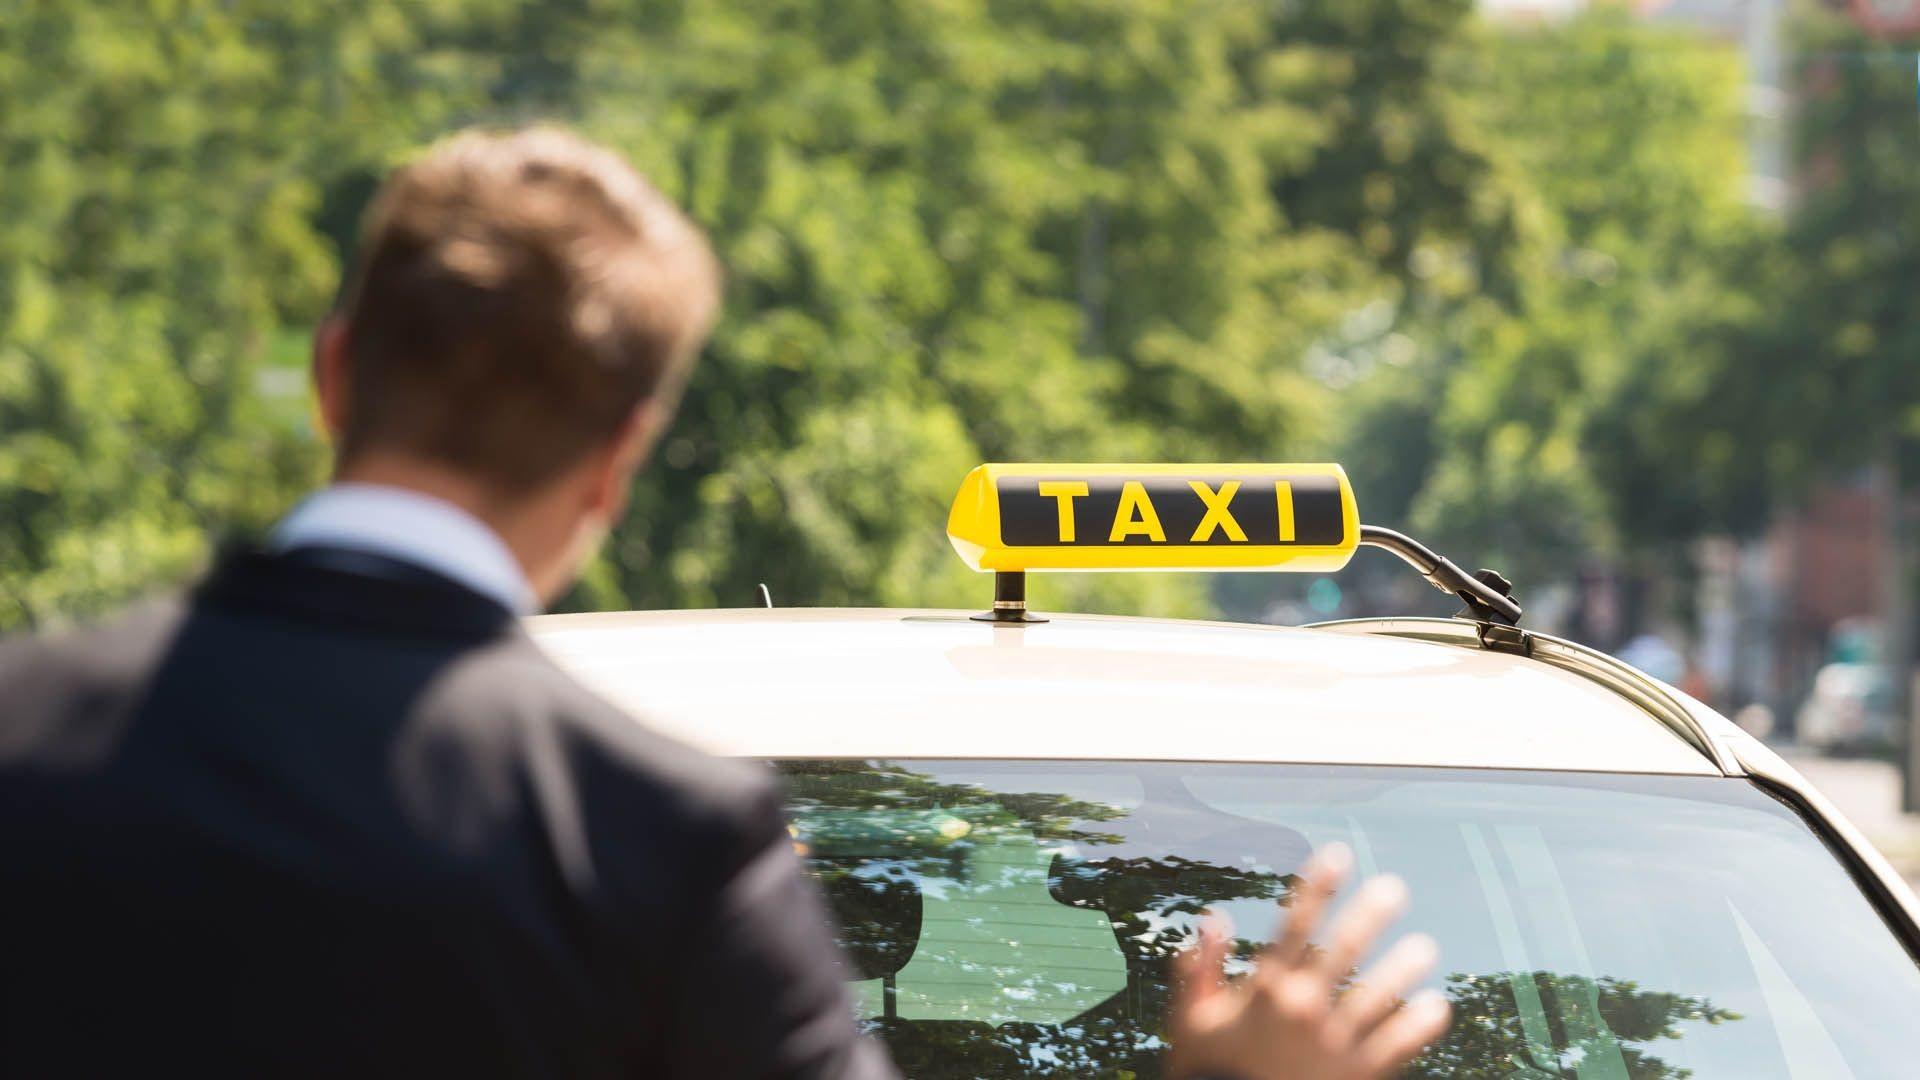 Taxi 24 horas en Aguilar de Campoo